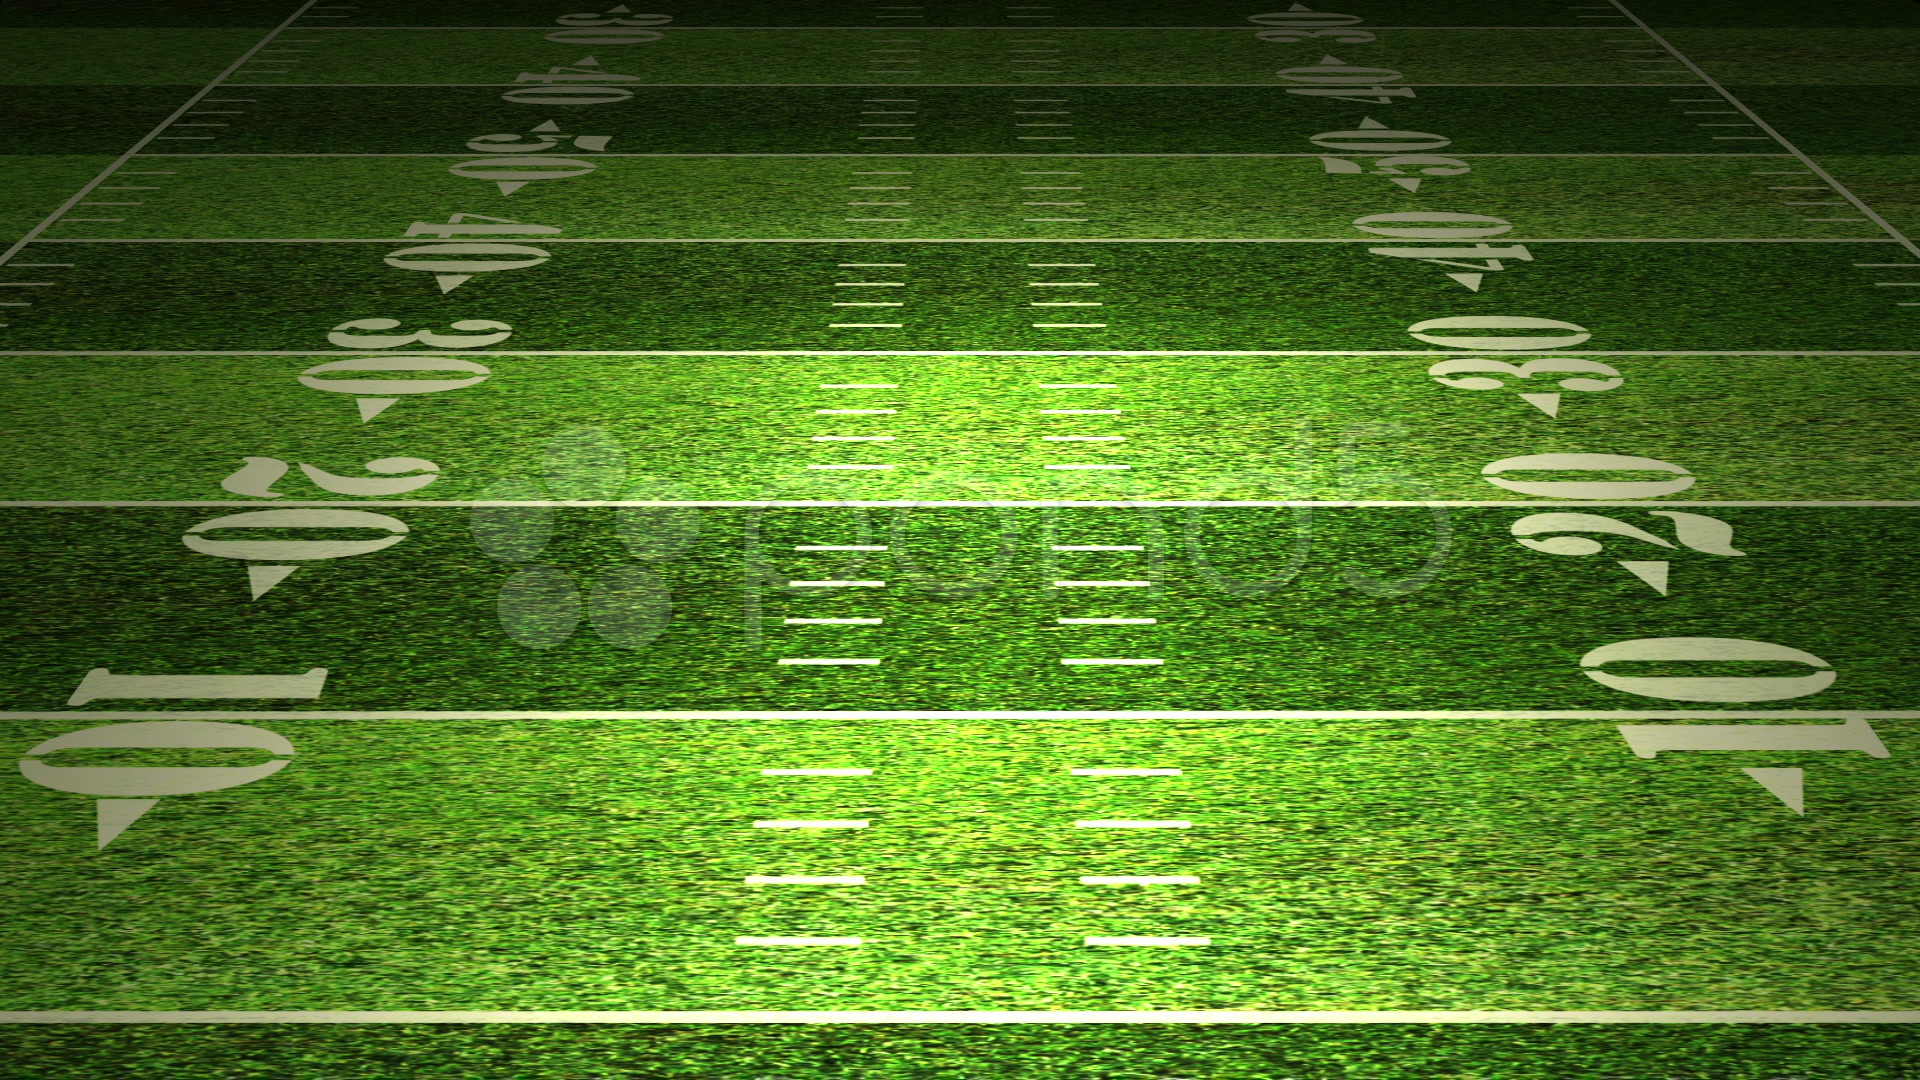 Desktop Wallpaper Hd 3d Full Screen Thanksgiving Football Field Backgrounds Pixelstalk Net